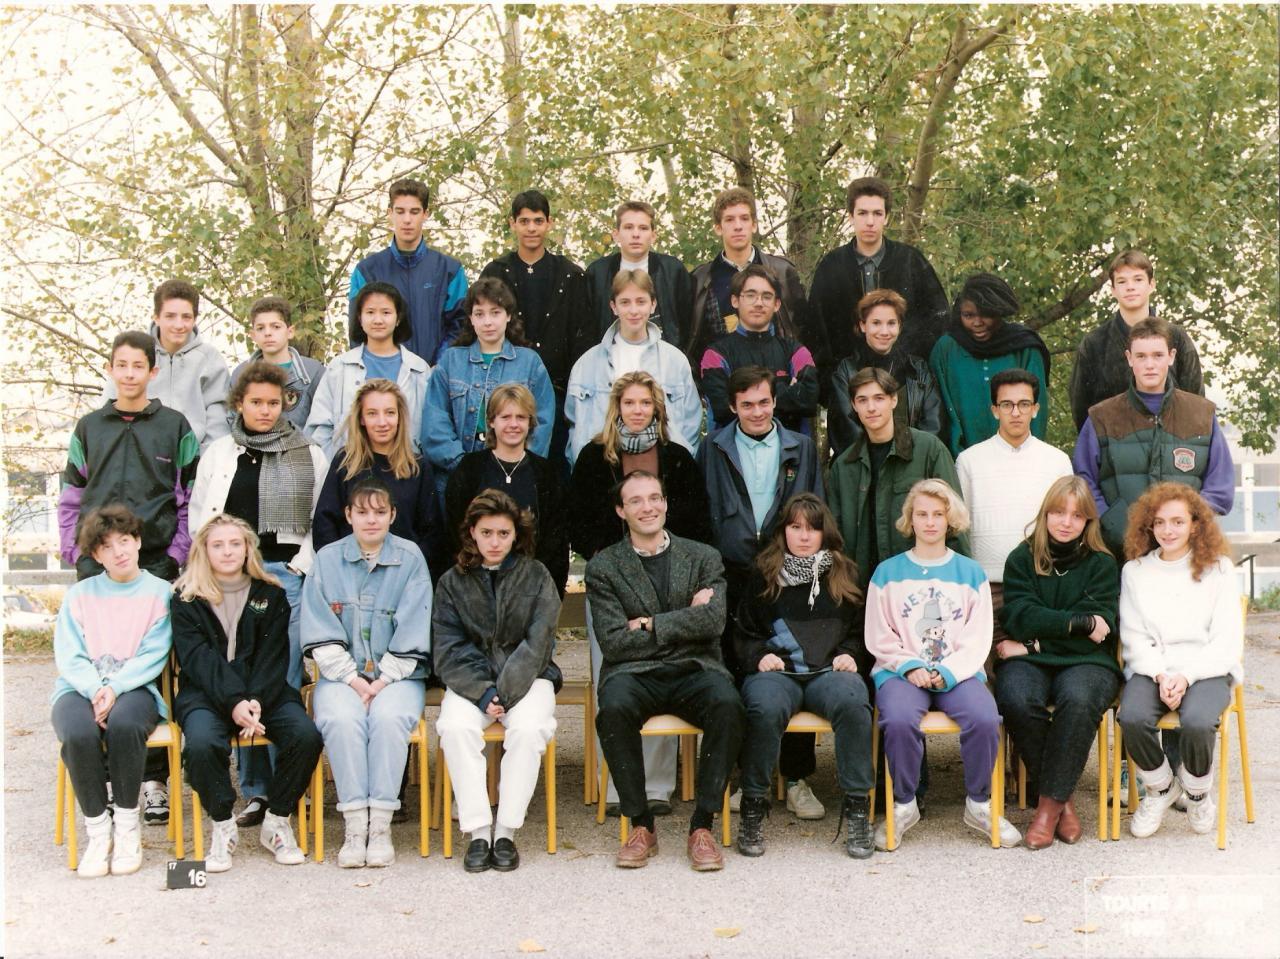 1991 - 2nde 11